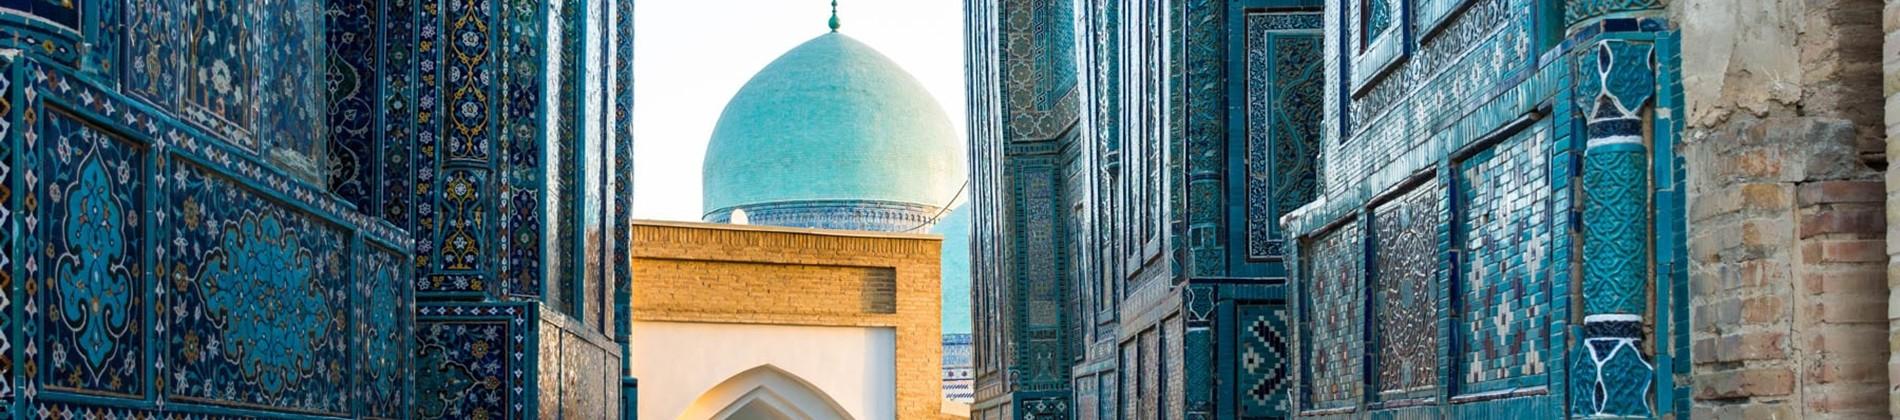 Economy tour to Uzbekistan - 1